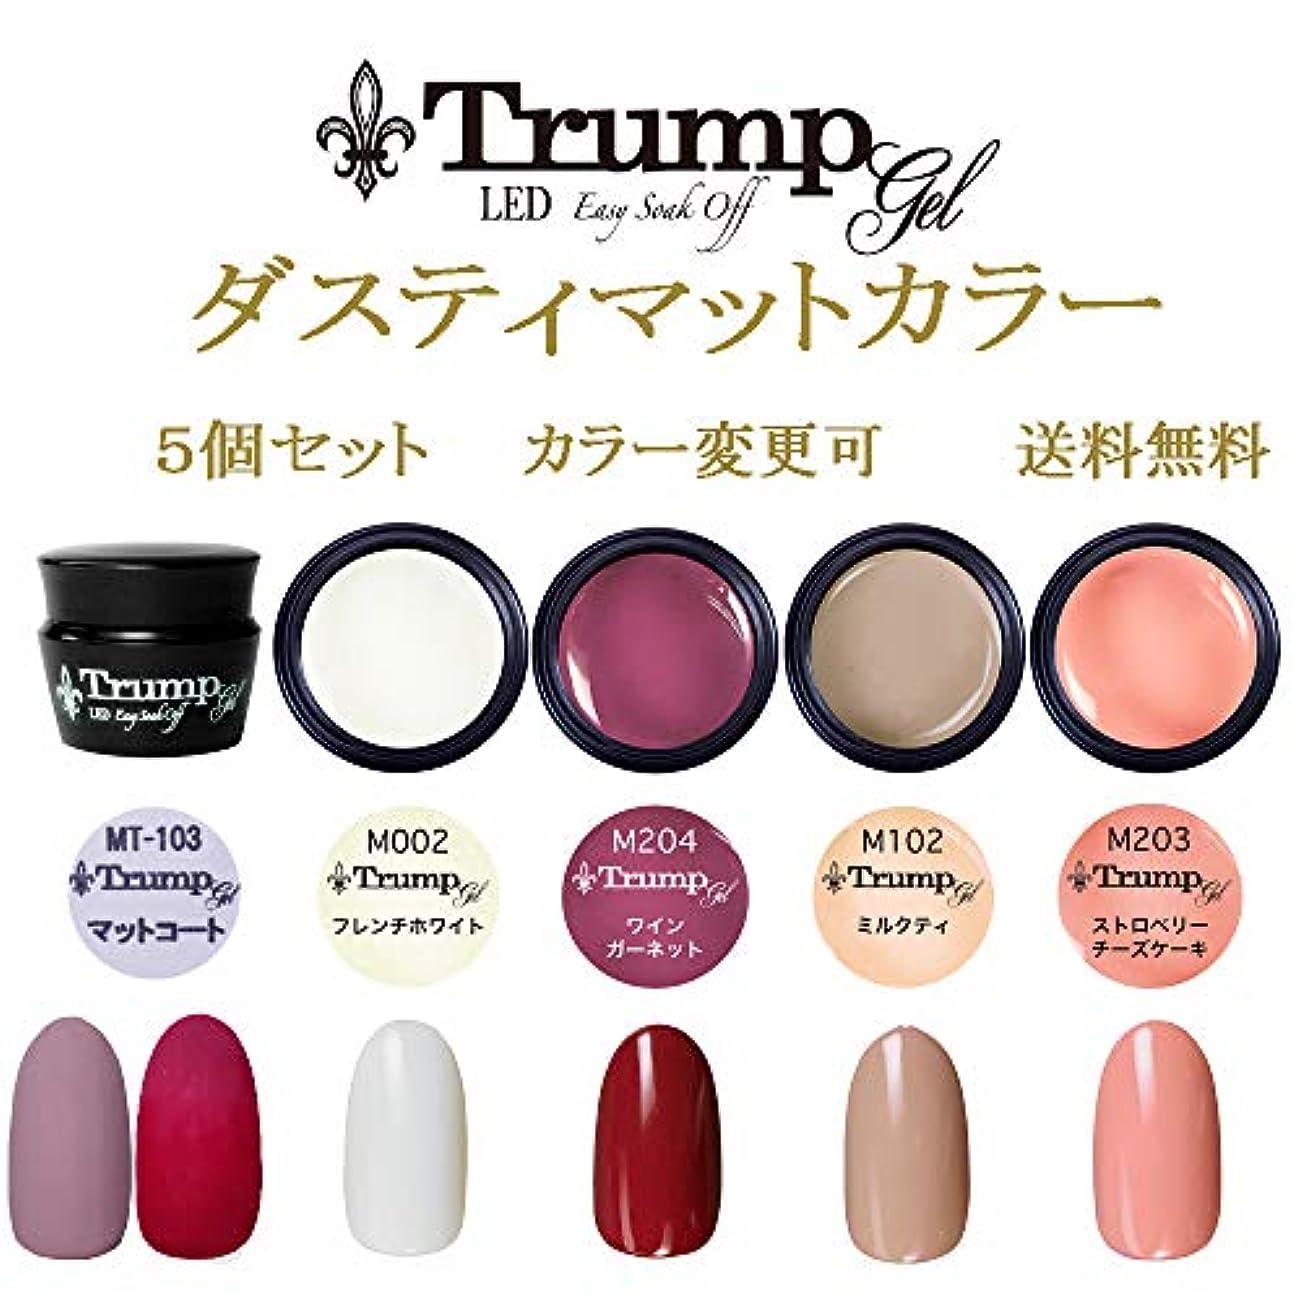 毎月批判的類推【送料無料】日本製 Trump gel トランプジェル ダスティマット カラージェル 5個セット 魅惑のフロストマットトップとマットに合う人気カラーをチョイス